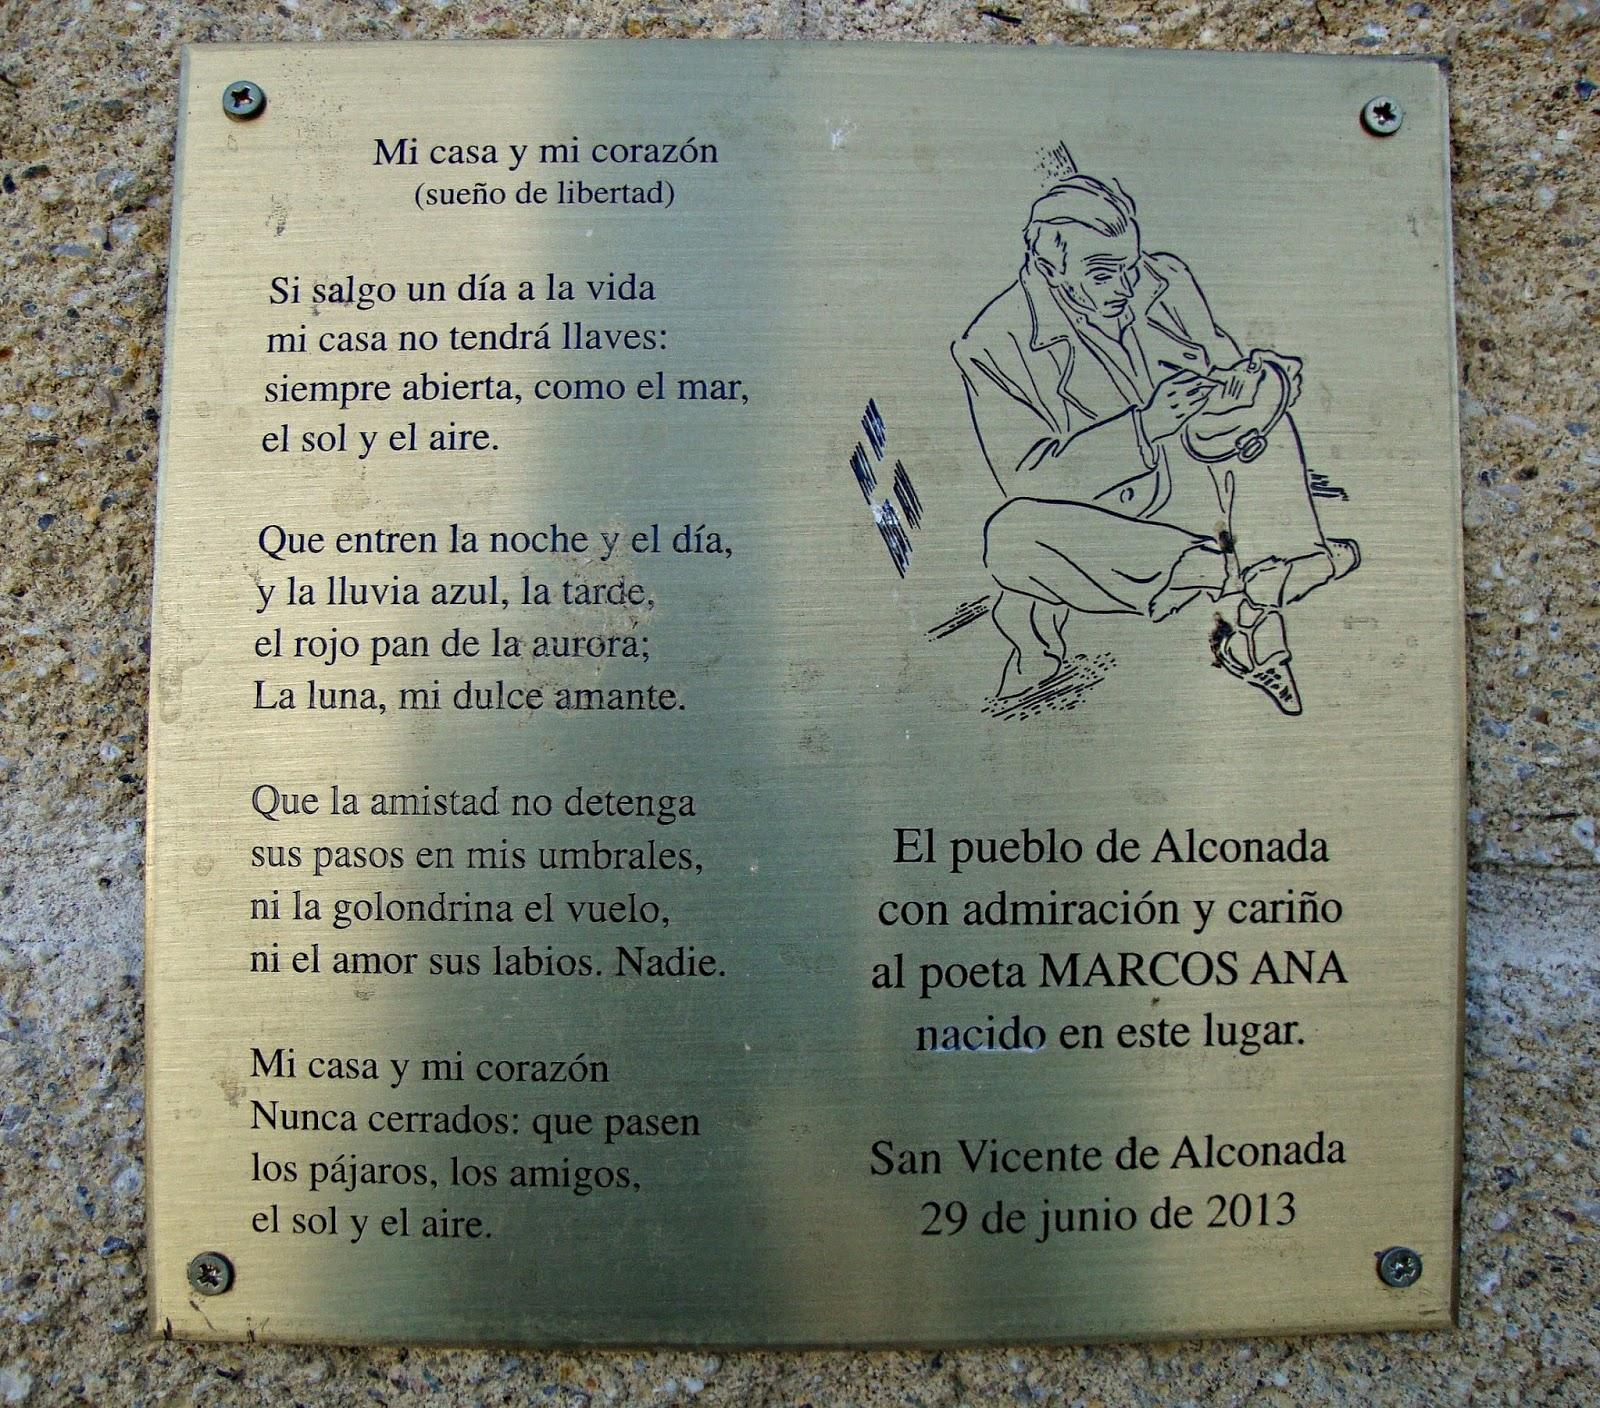 Marcos Ana, silencio de un poeta en su tierra. en Varlania